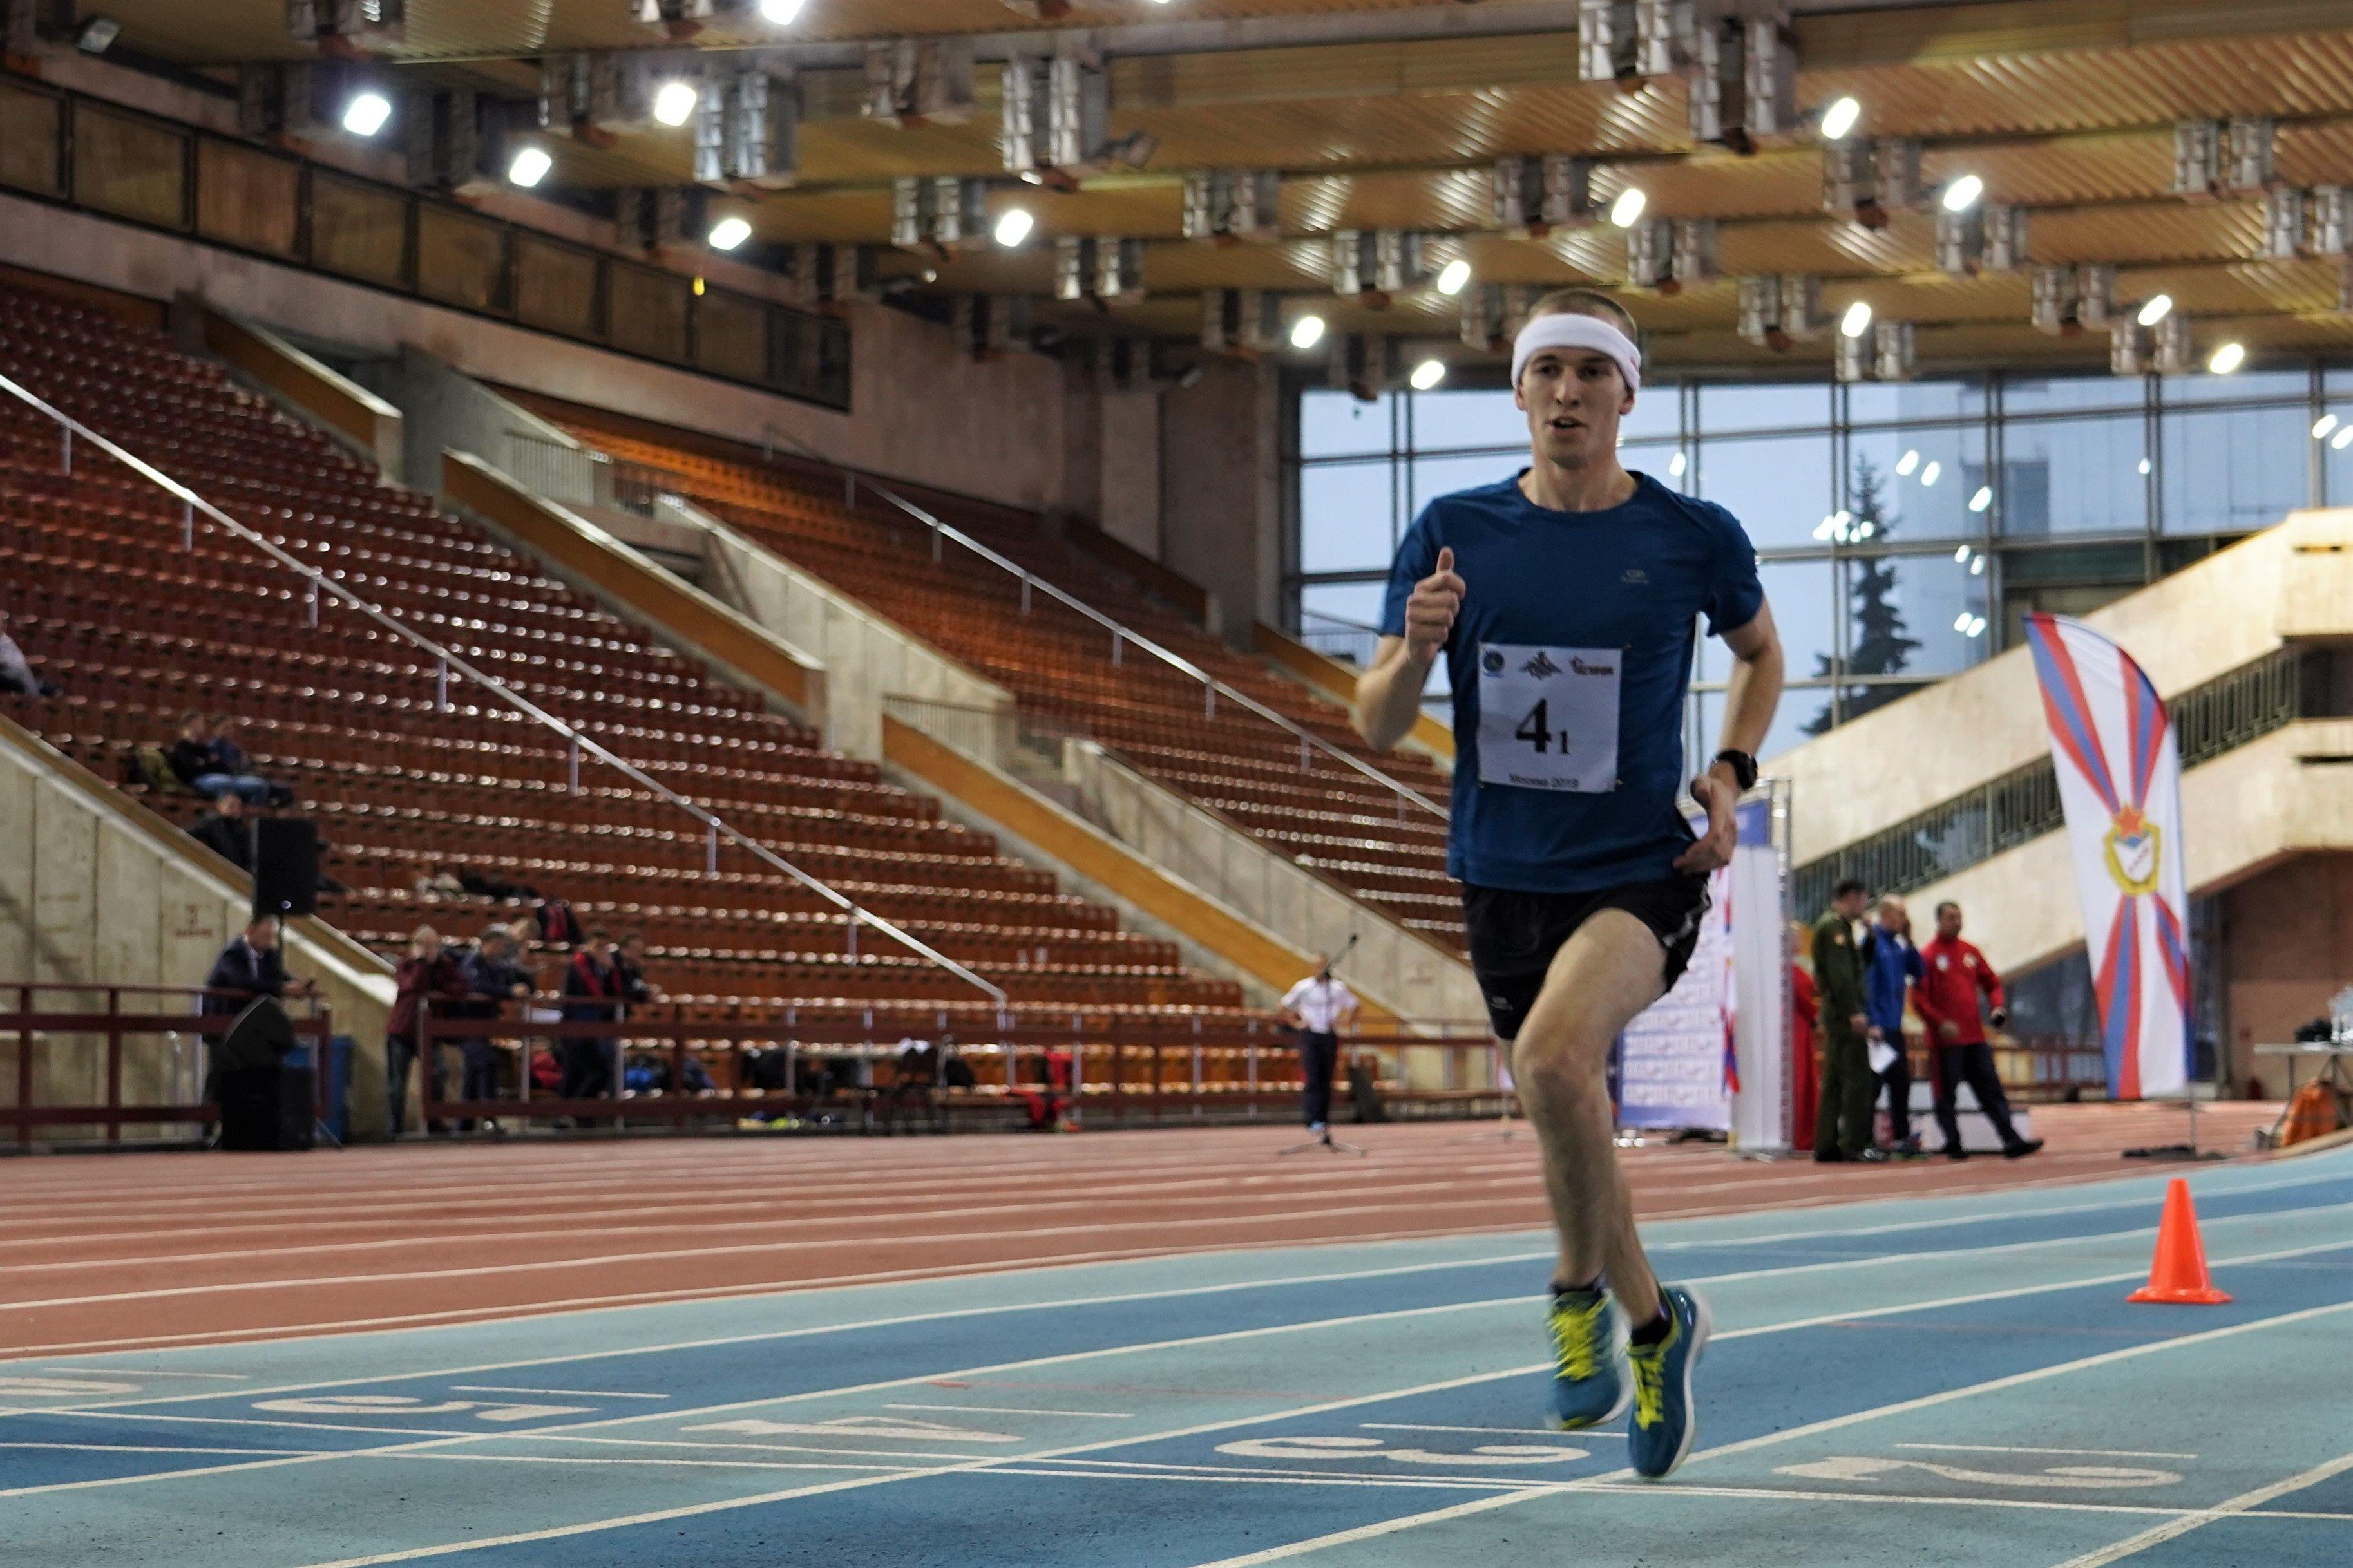 Спорт вернулся в жизнь москвичей